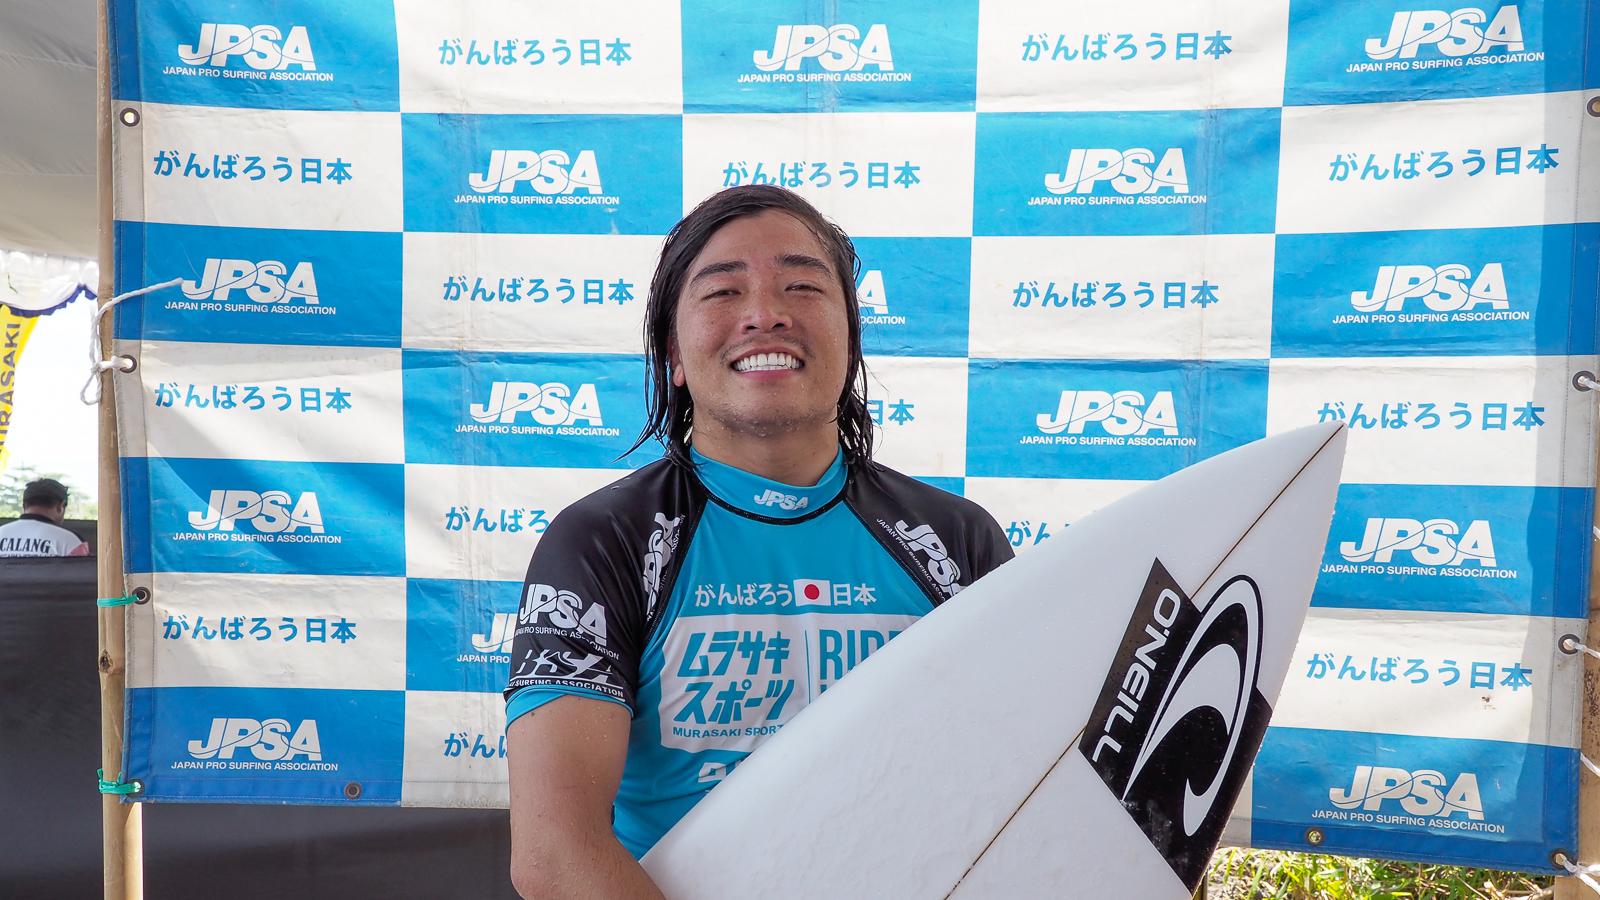 shokobayashi-4101178